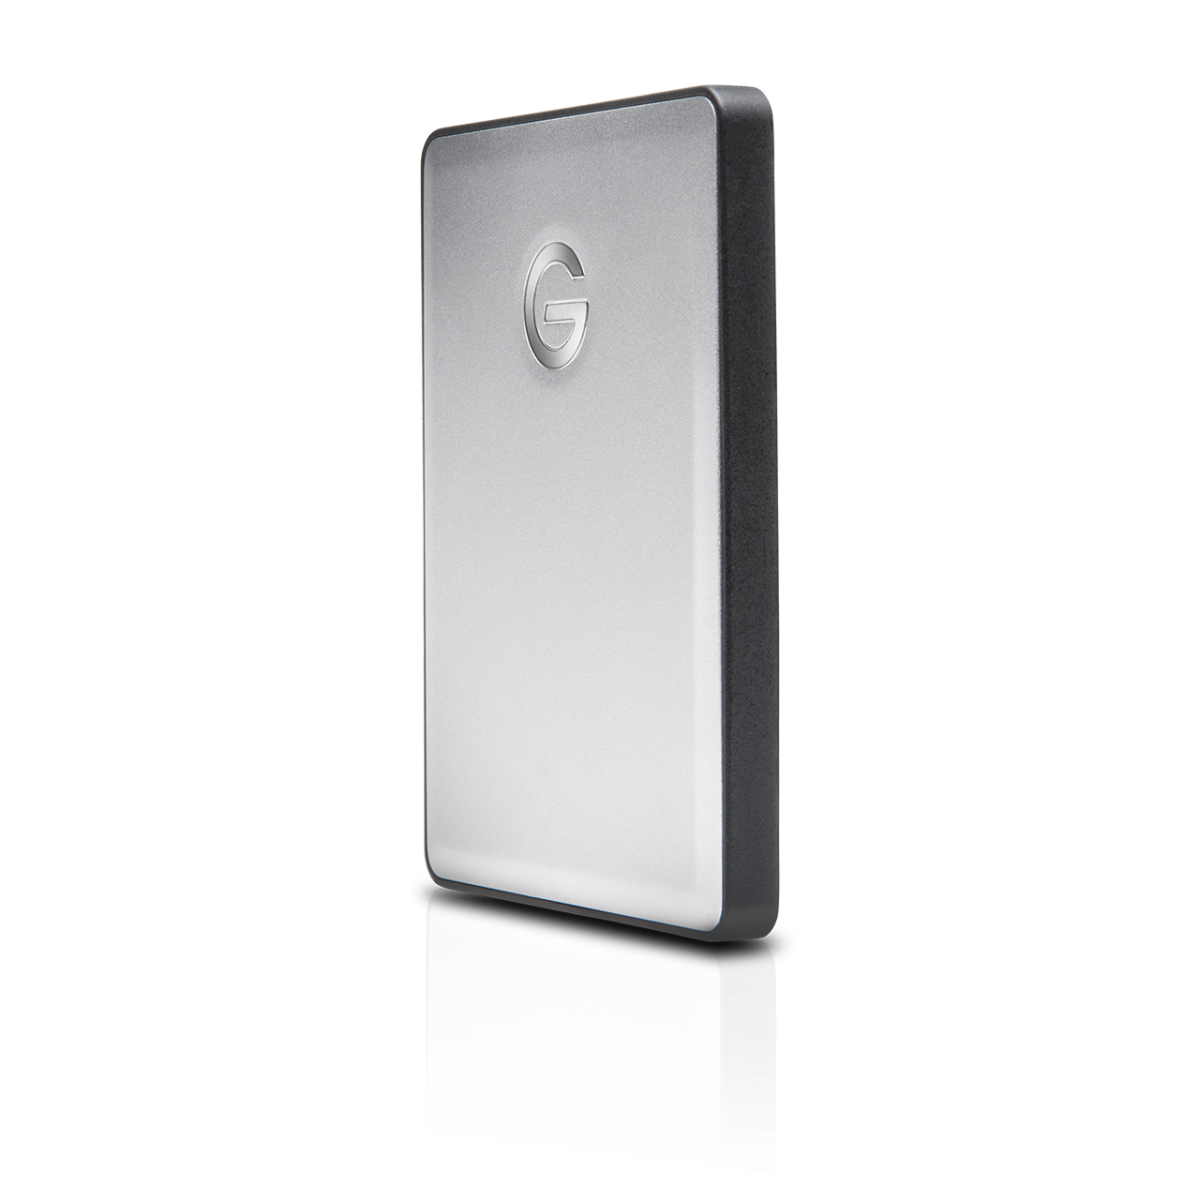 ổ cứng găn ngoài gtech mobile